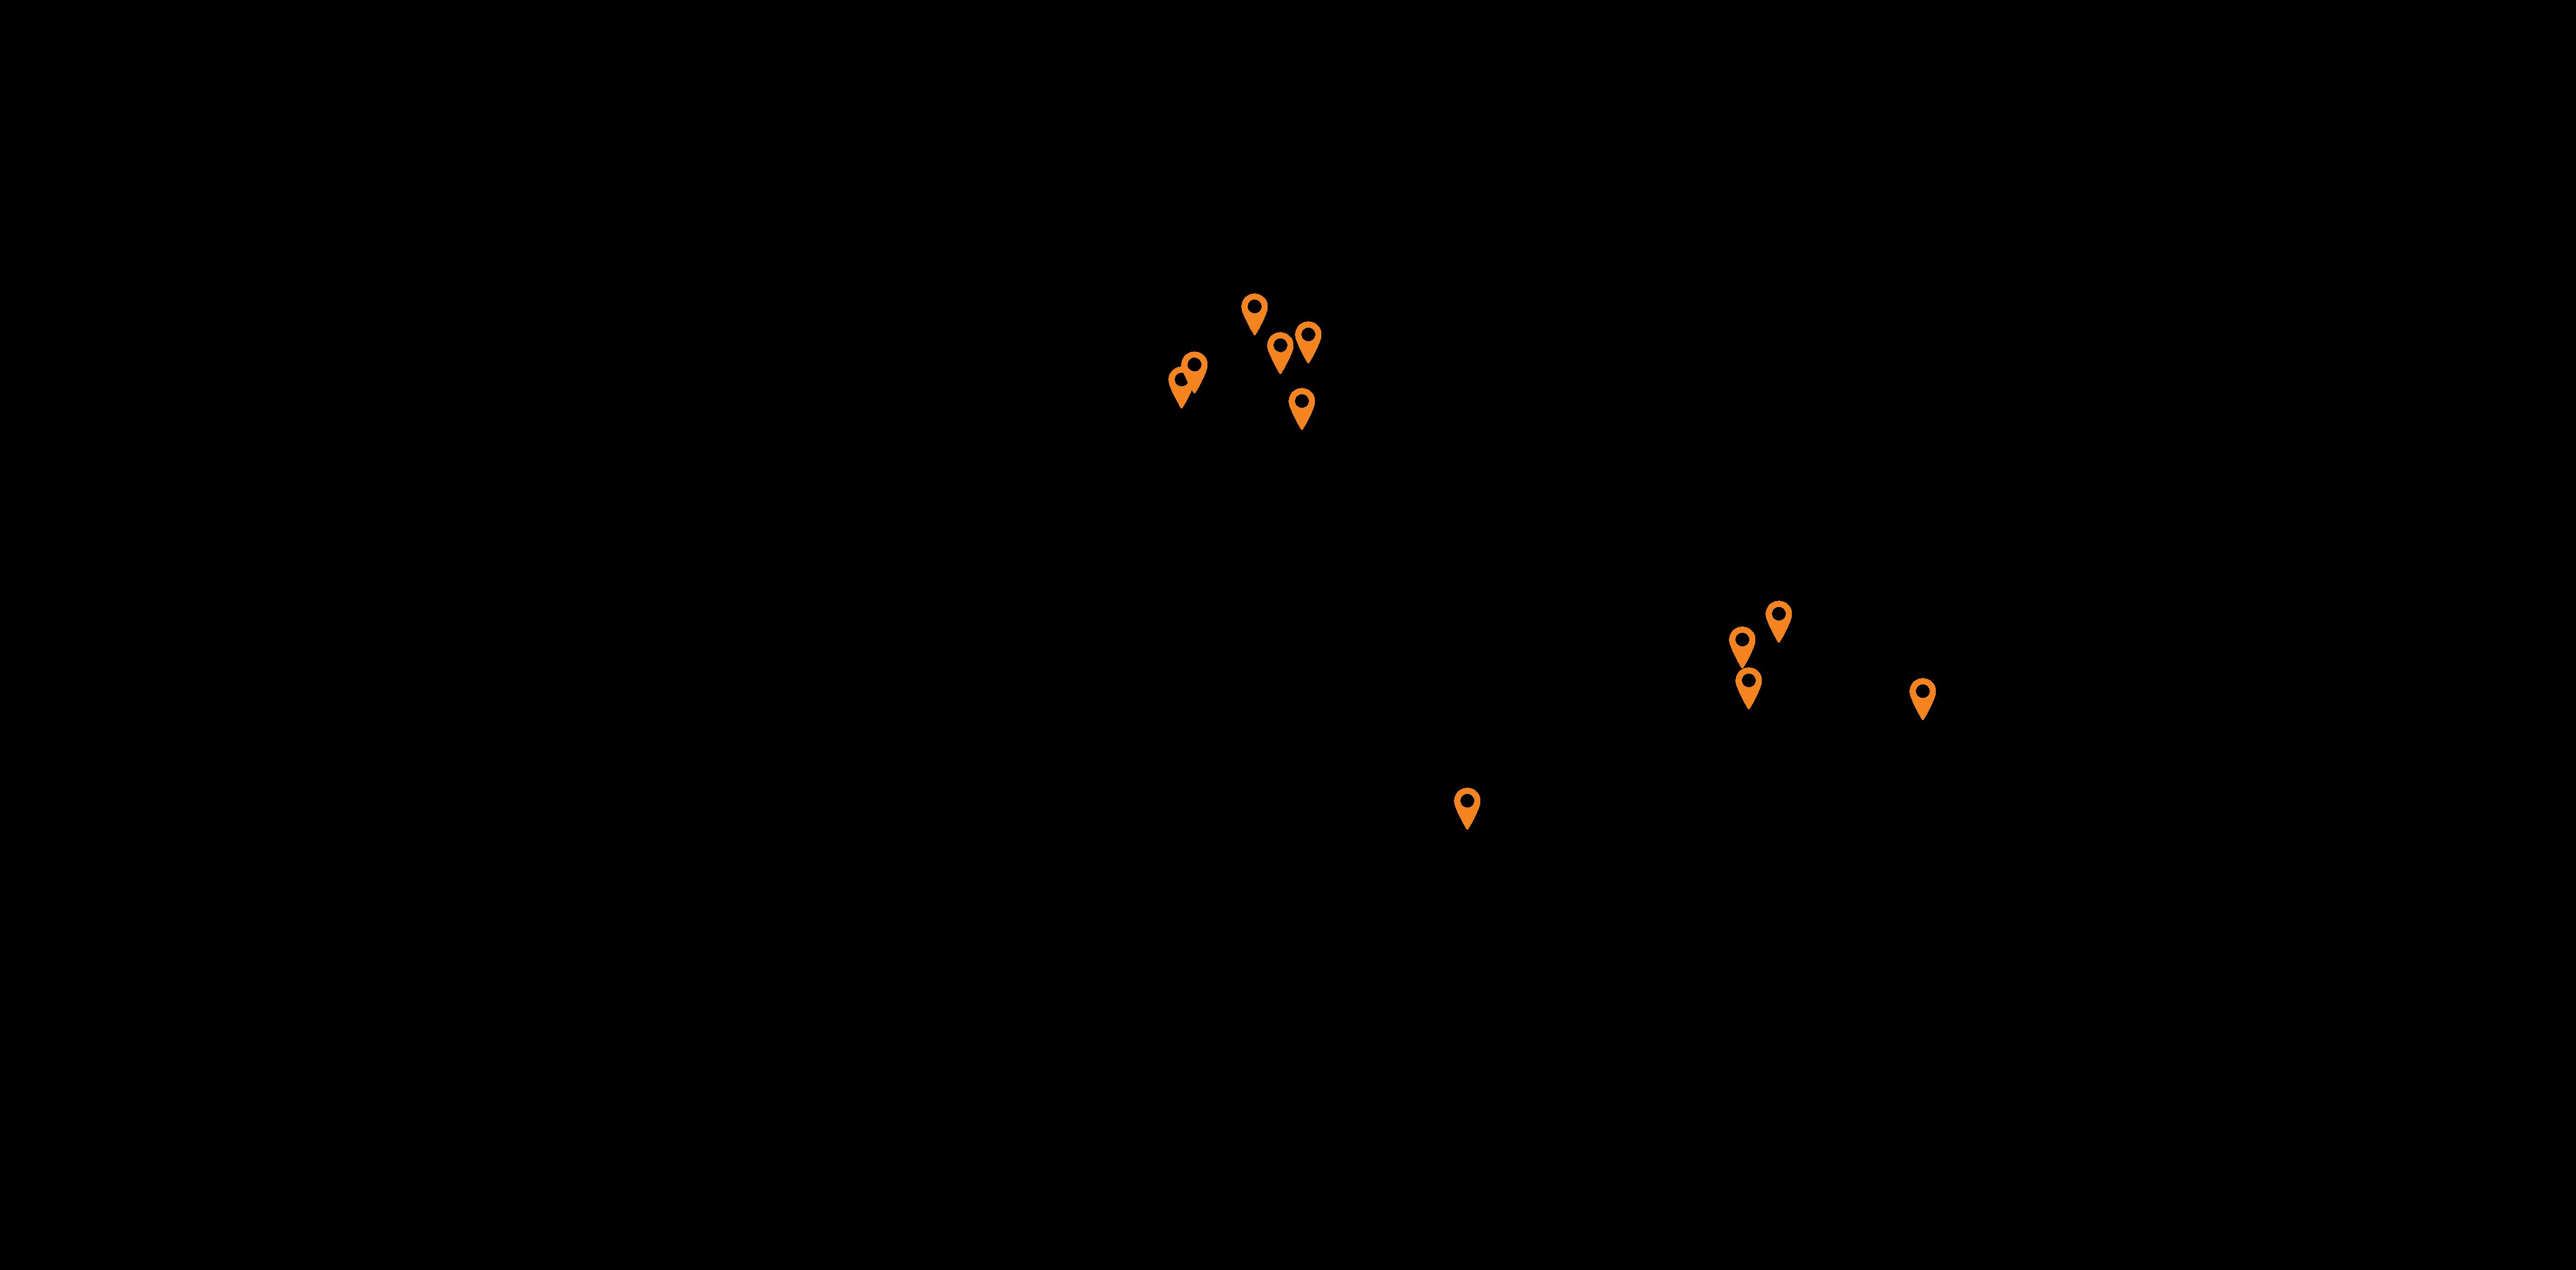 illustration skanem locations in world map